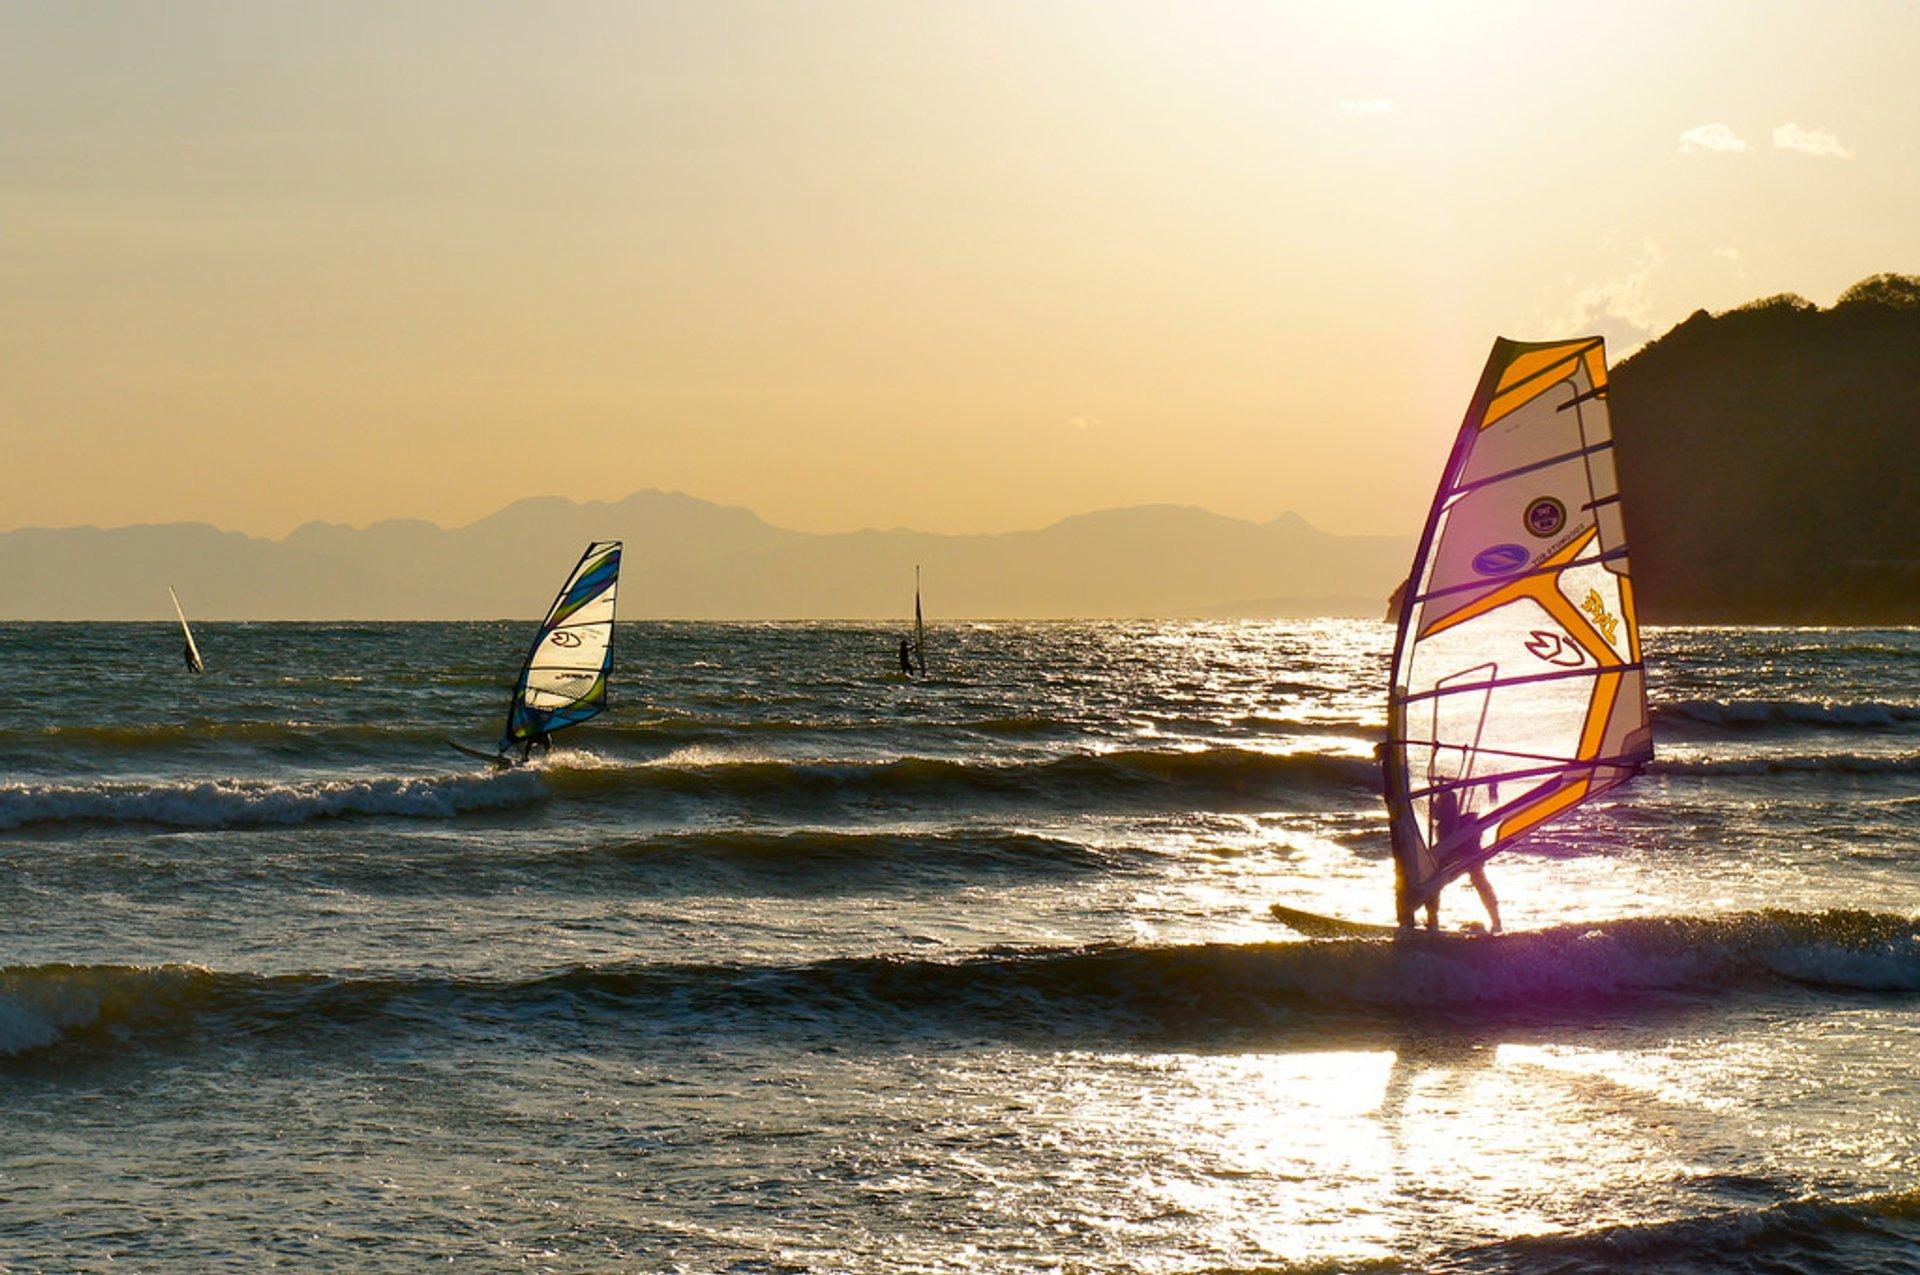 Surfing & Windsurfing in Tokyo 2019 - Best Time